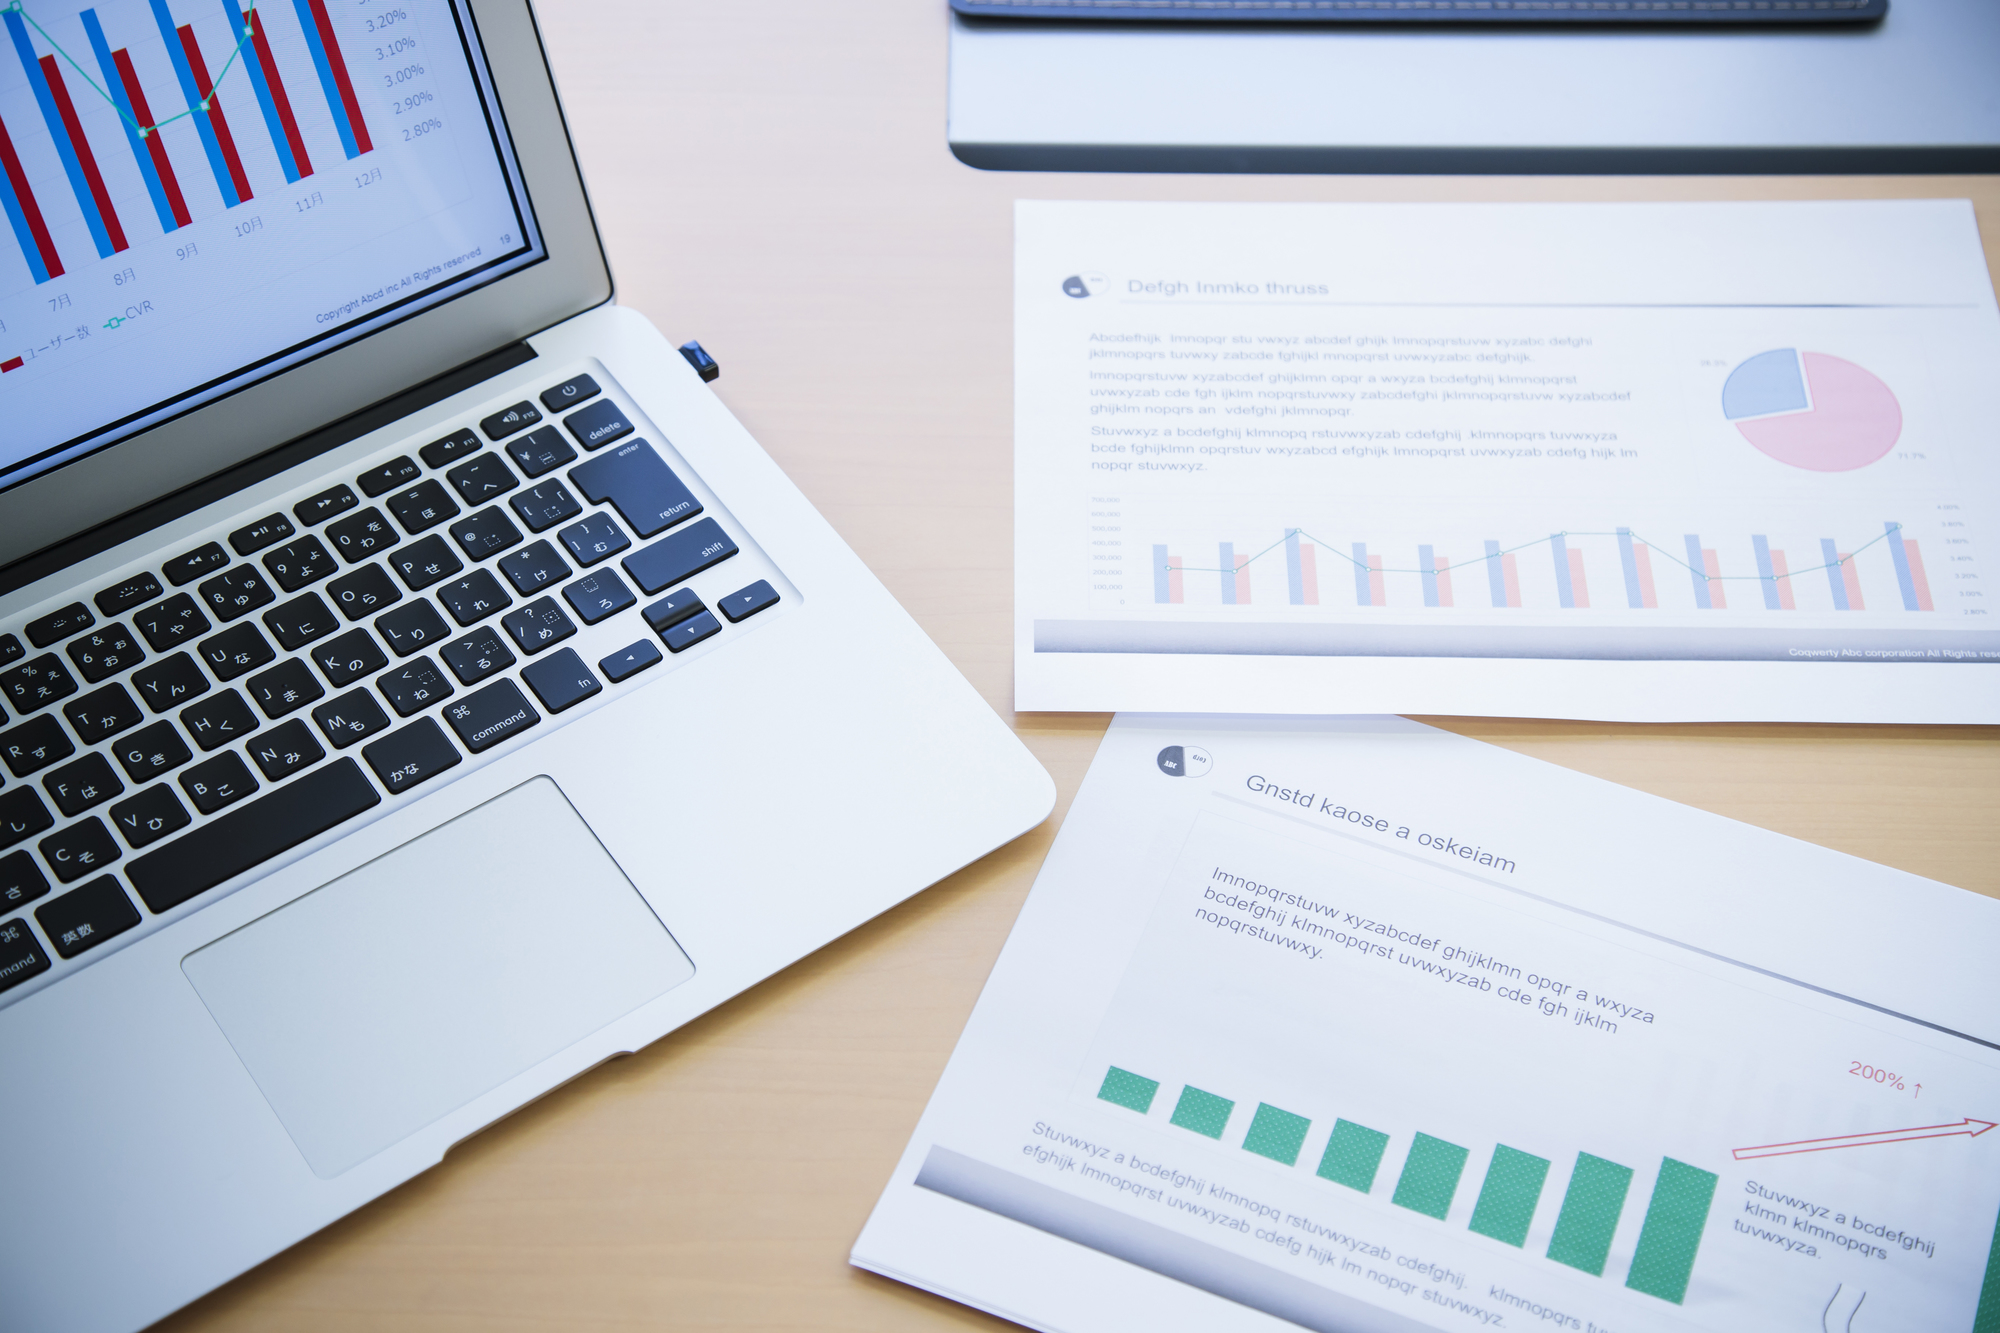 業務効率化に役立つおすすめのツールは?フリーツールも紹介